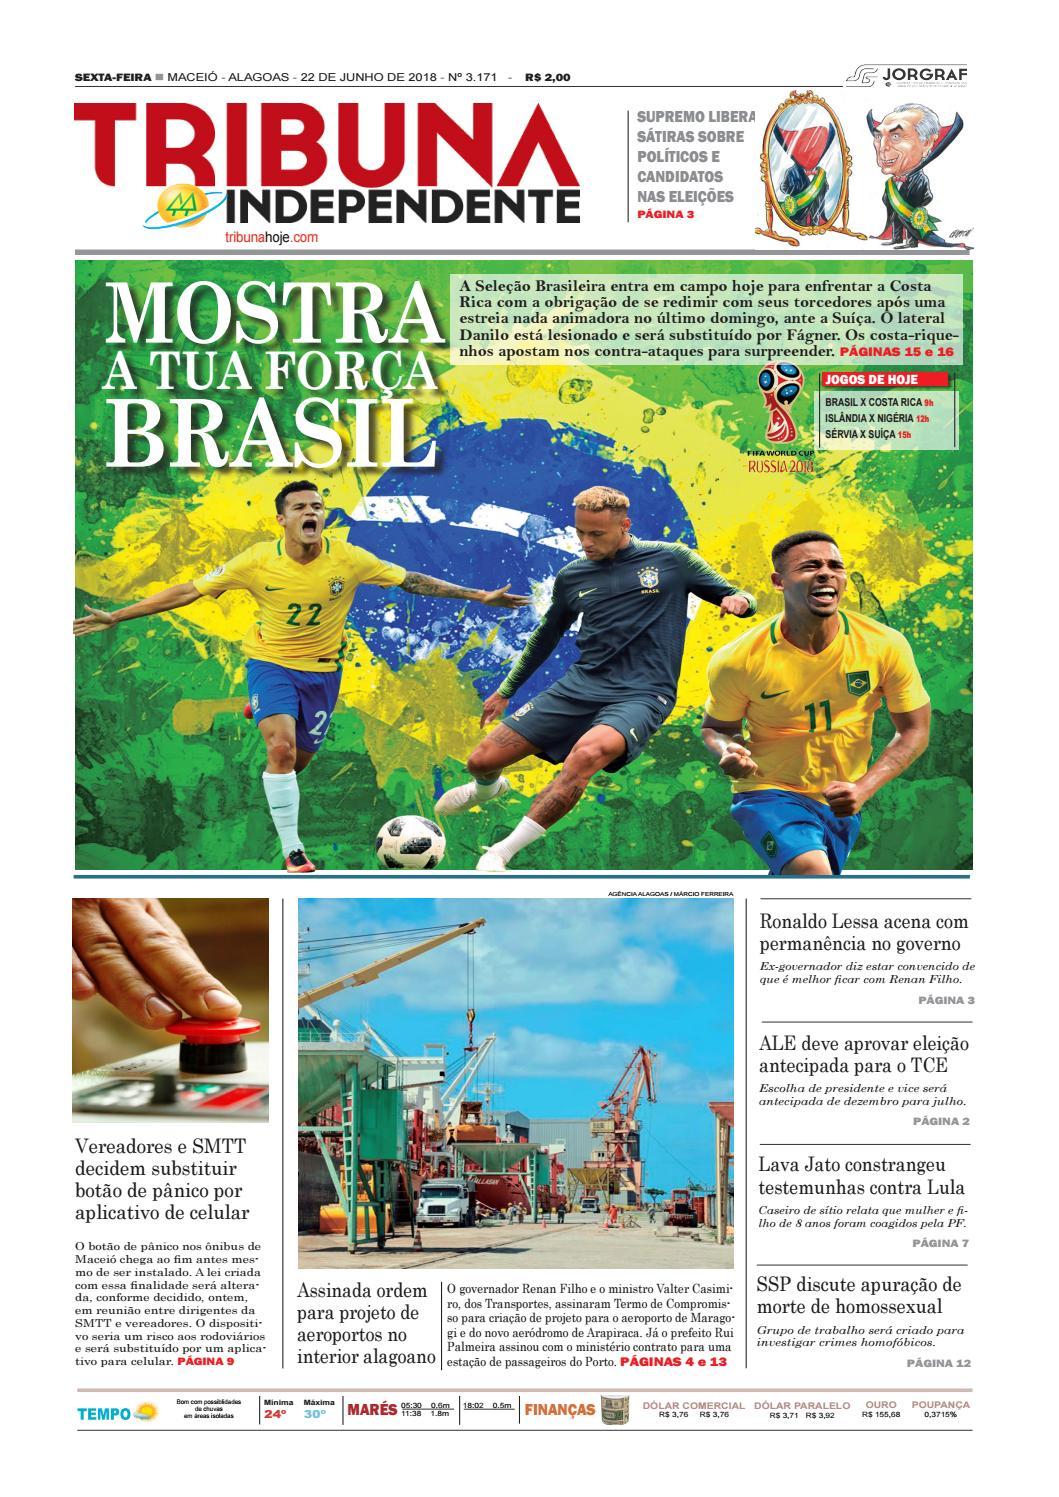 e39c4157c09 Edição número 3171 - 22 de junho de 2018 by Tribuna Hoje - issuu